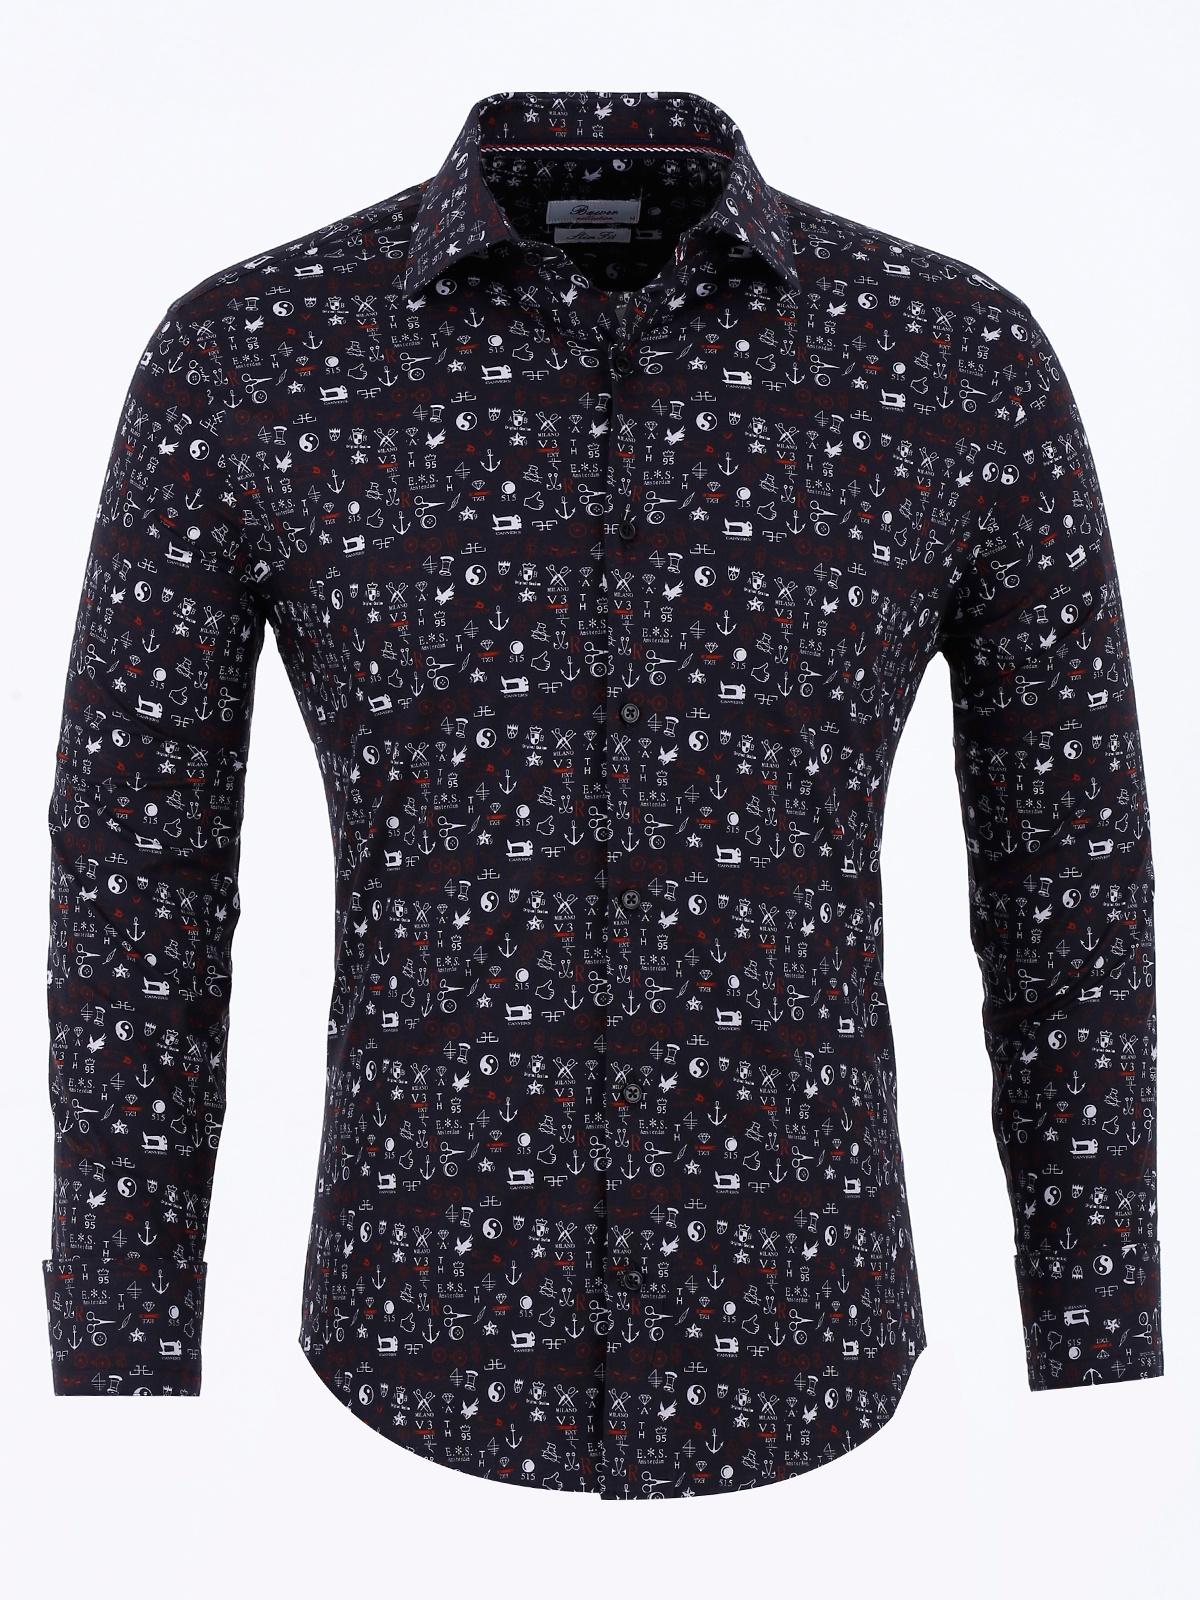 Рубашка Bawer yoms с длинными рукавами рубашка мужской хлопок мужской корейский цвет slim free повседневная мужская рубашка печать черный l 175